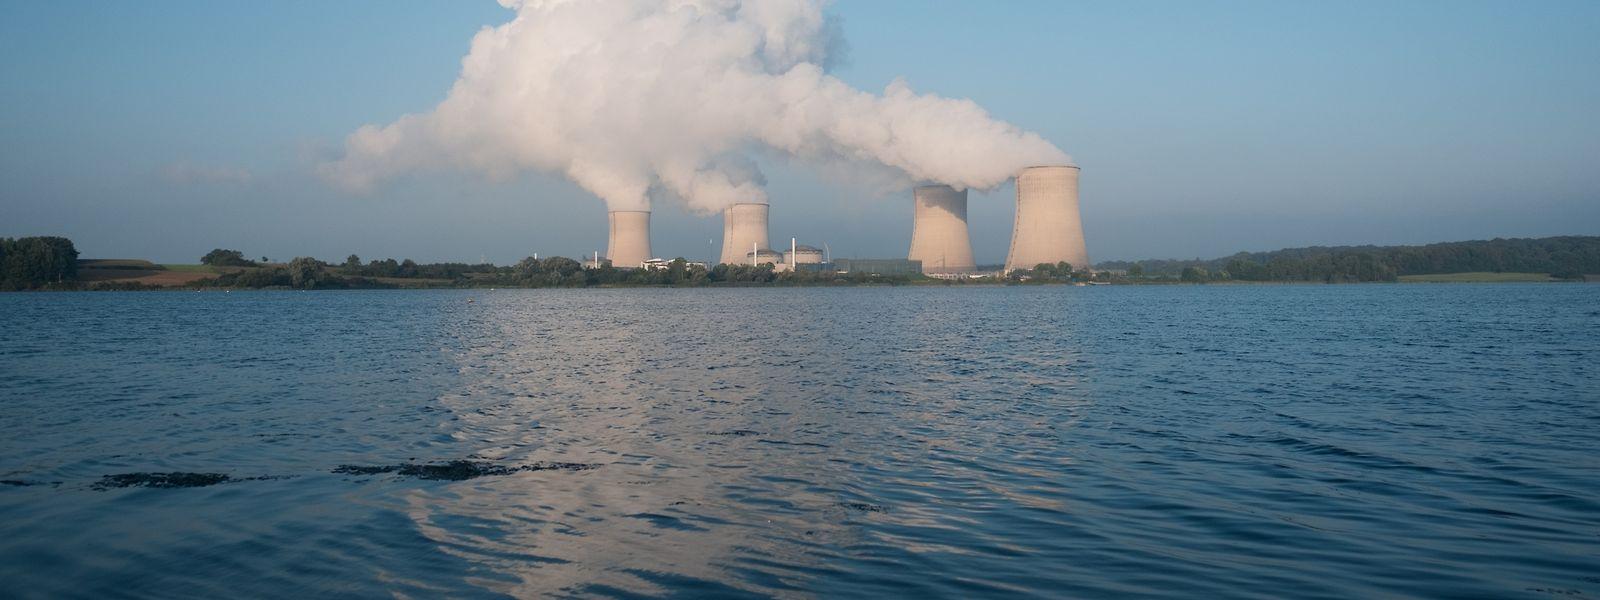 Das Kernkraftwerk Cattenom liegt knapp zehn Kilometer hinter der französischen Grenze.